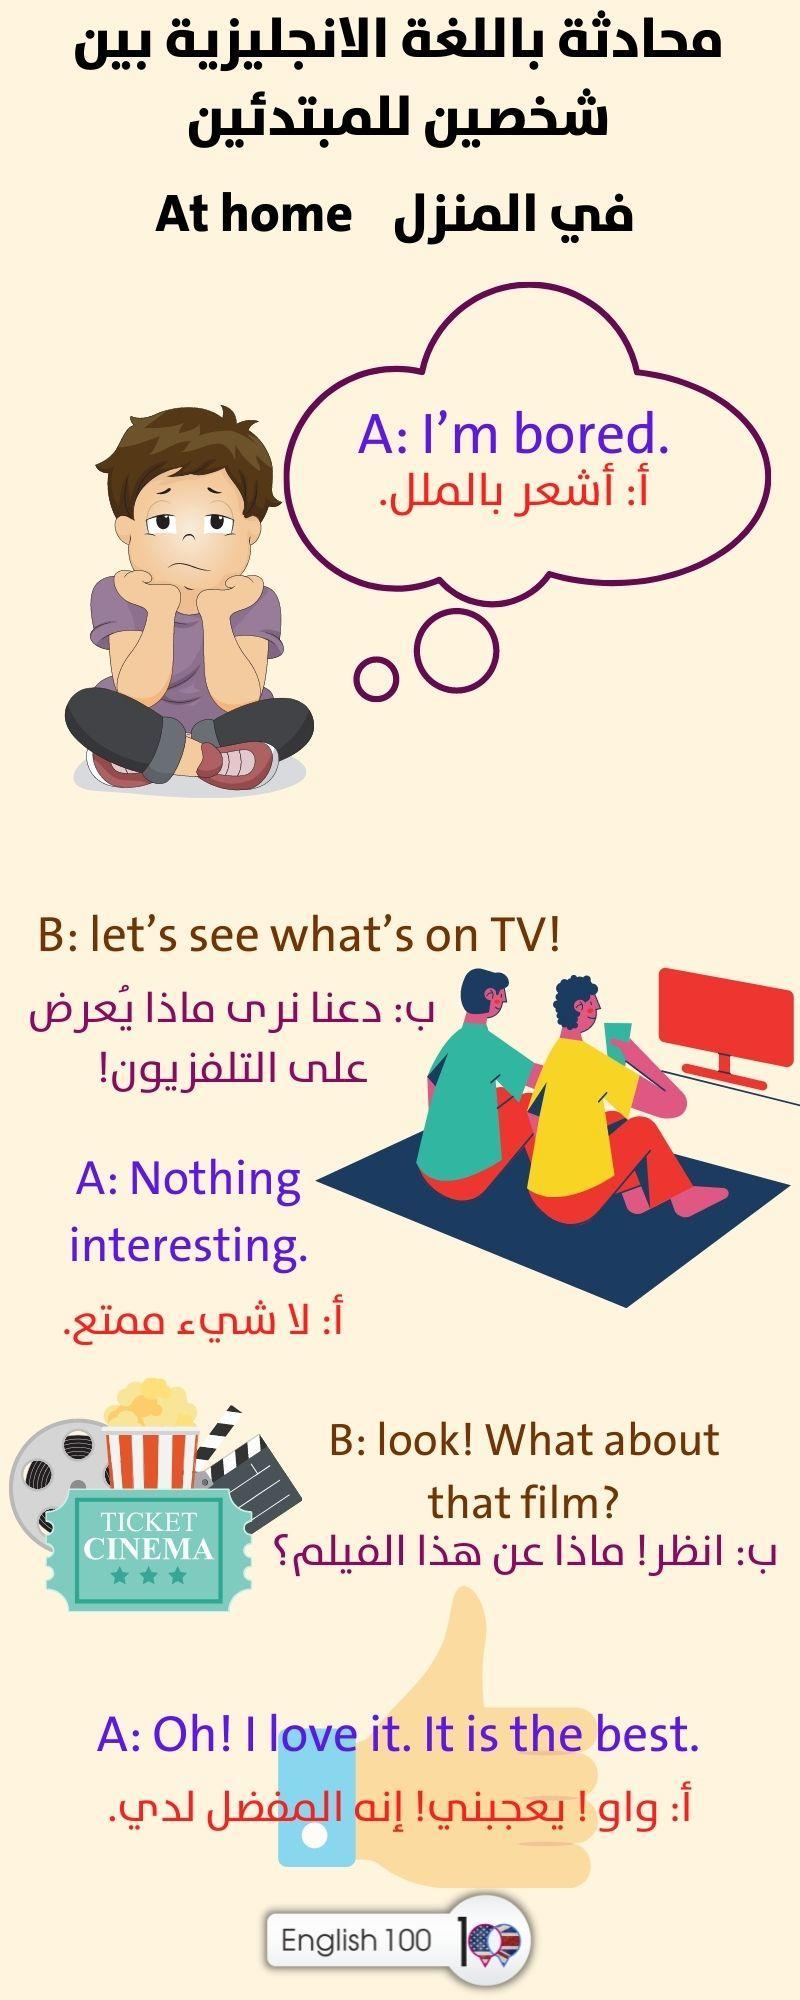 محادثة باللغة الانجليزية بين شخصين للمبتدئين Conversation between Two People for Beginners